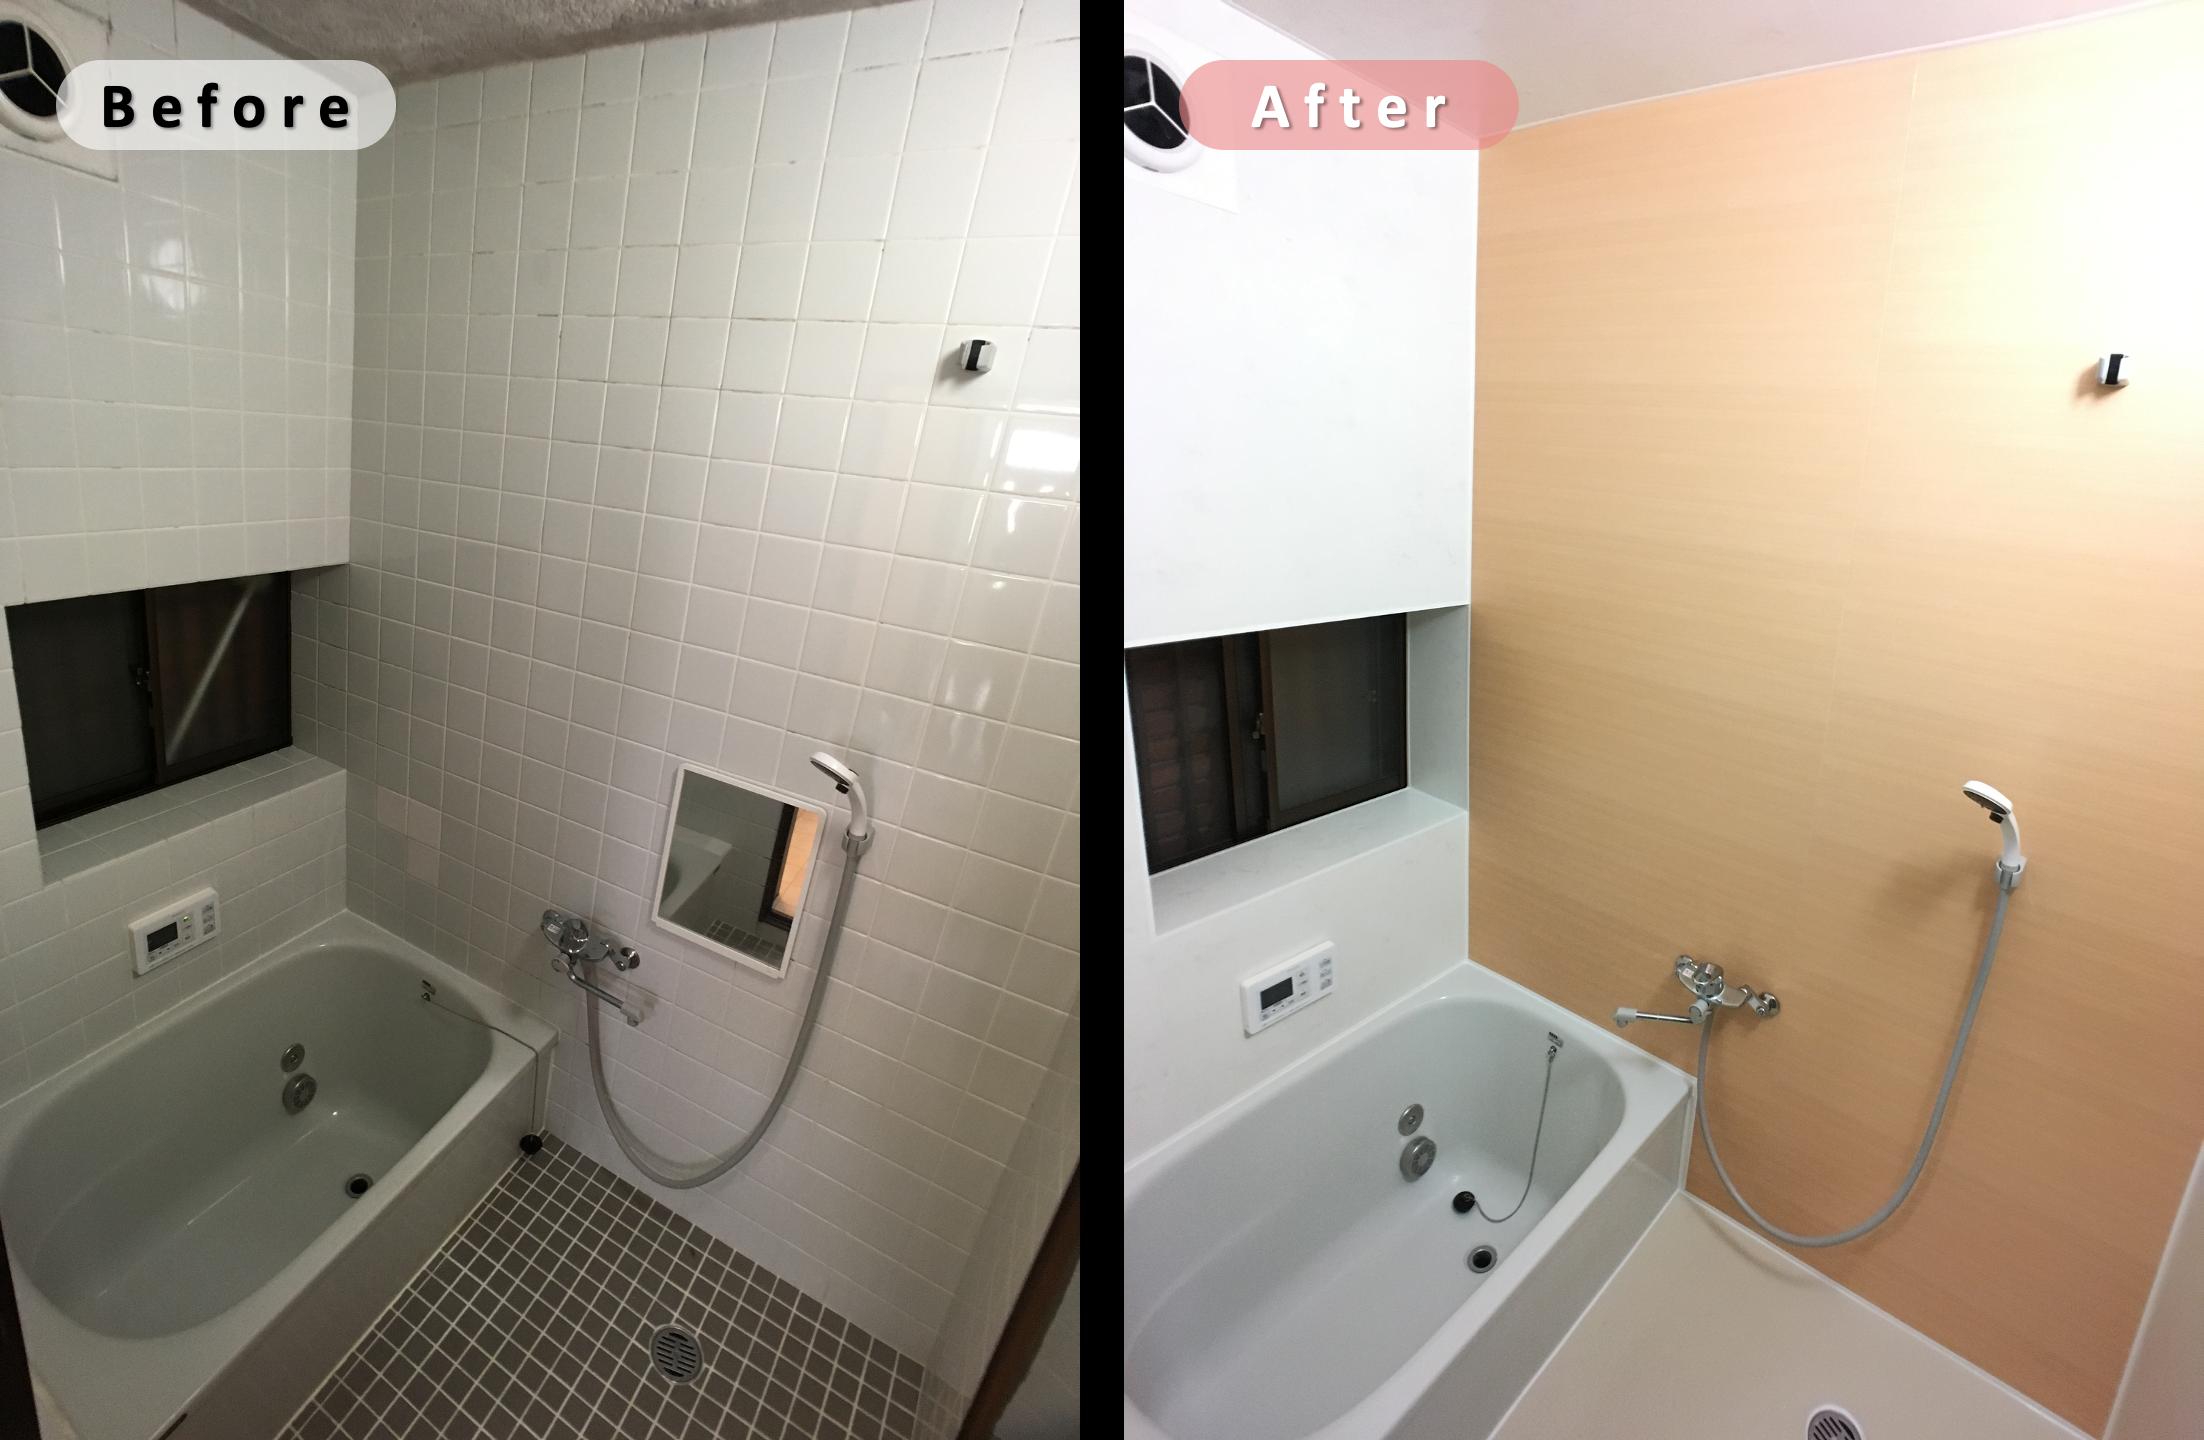 浴室タイル壁に アルパレージ というバスパネルをdiで貼り付け